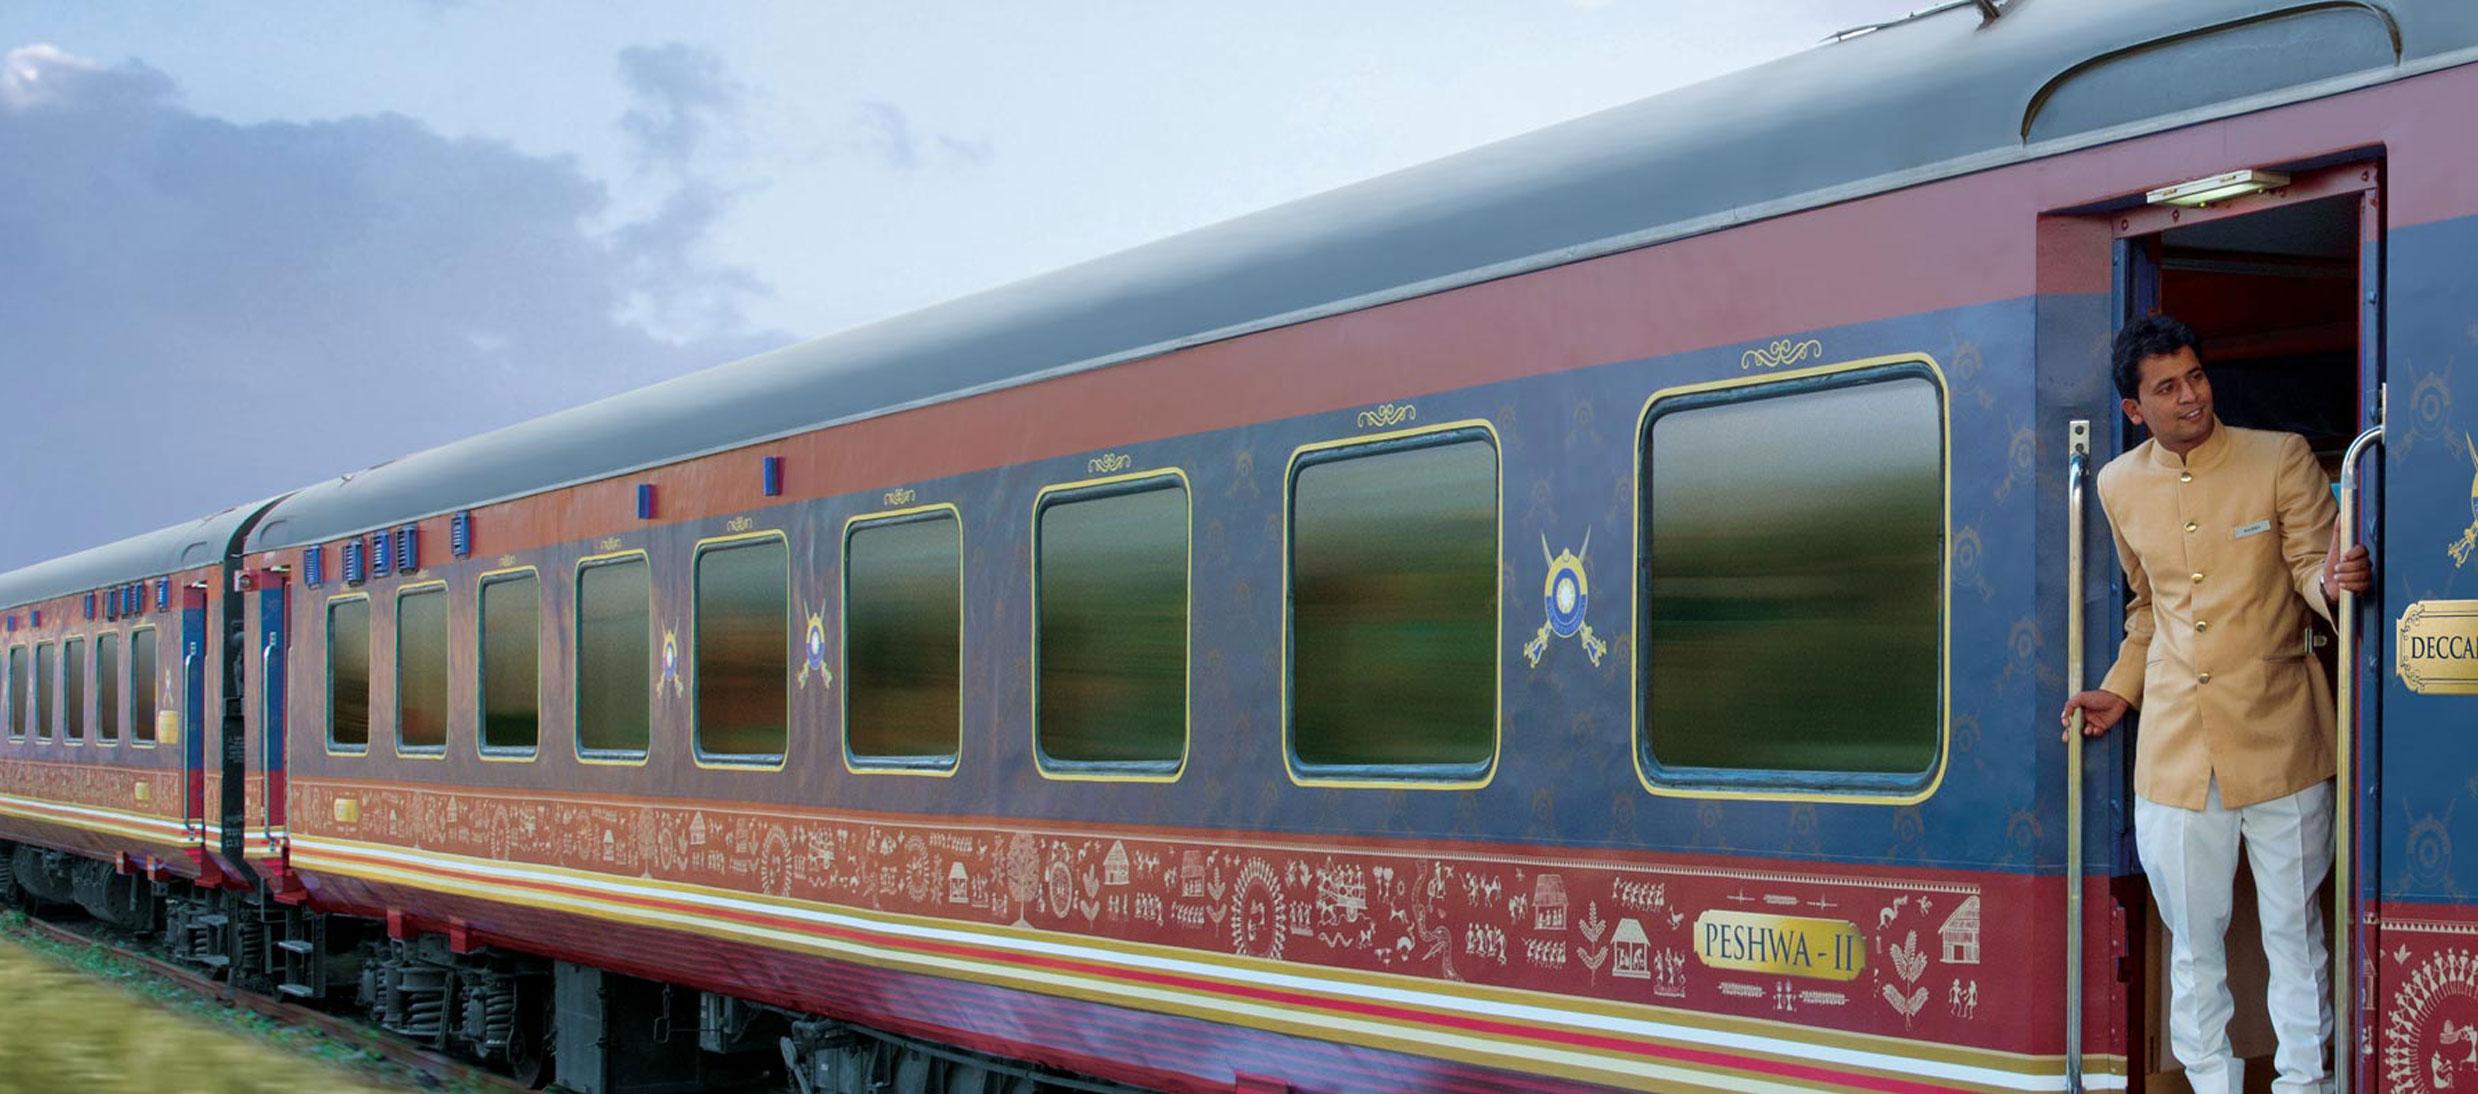 Deccan Odyssey, en tren único que ofrece viajes exclusivos en Asia